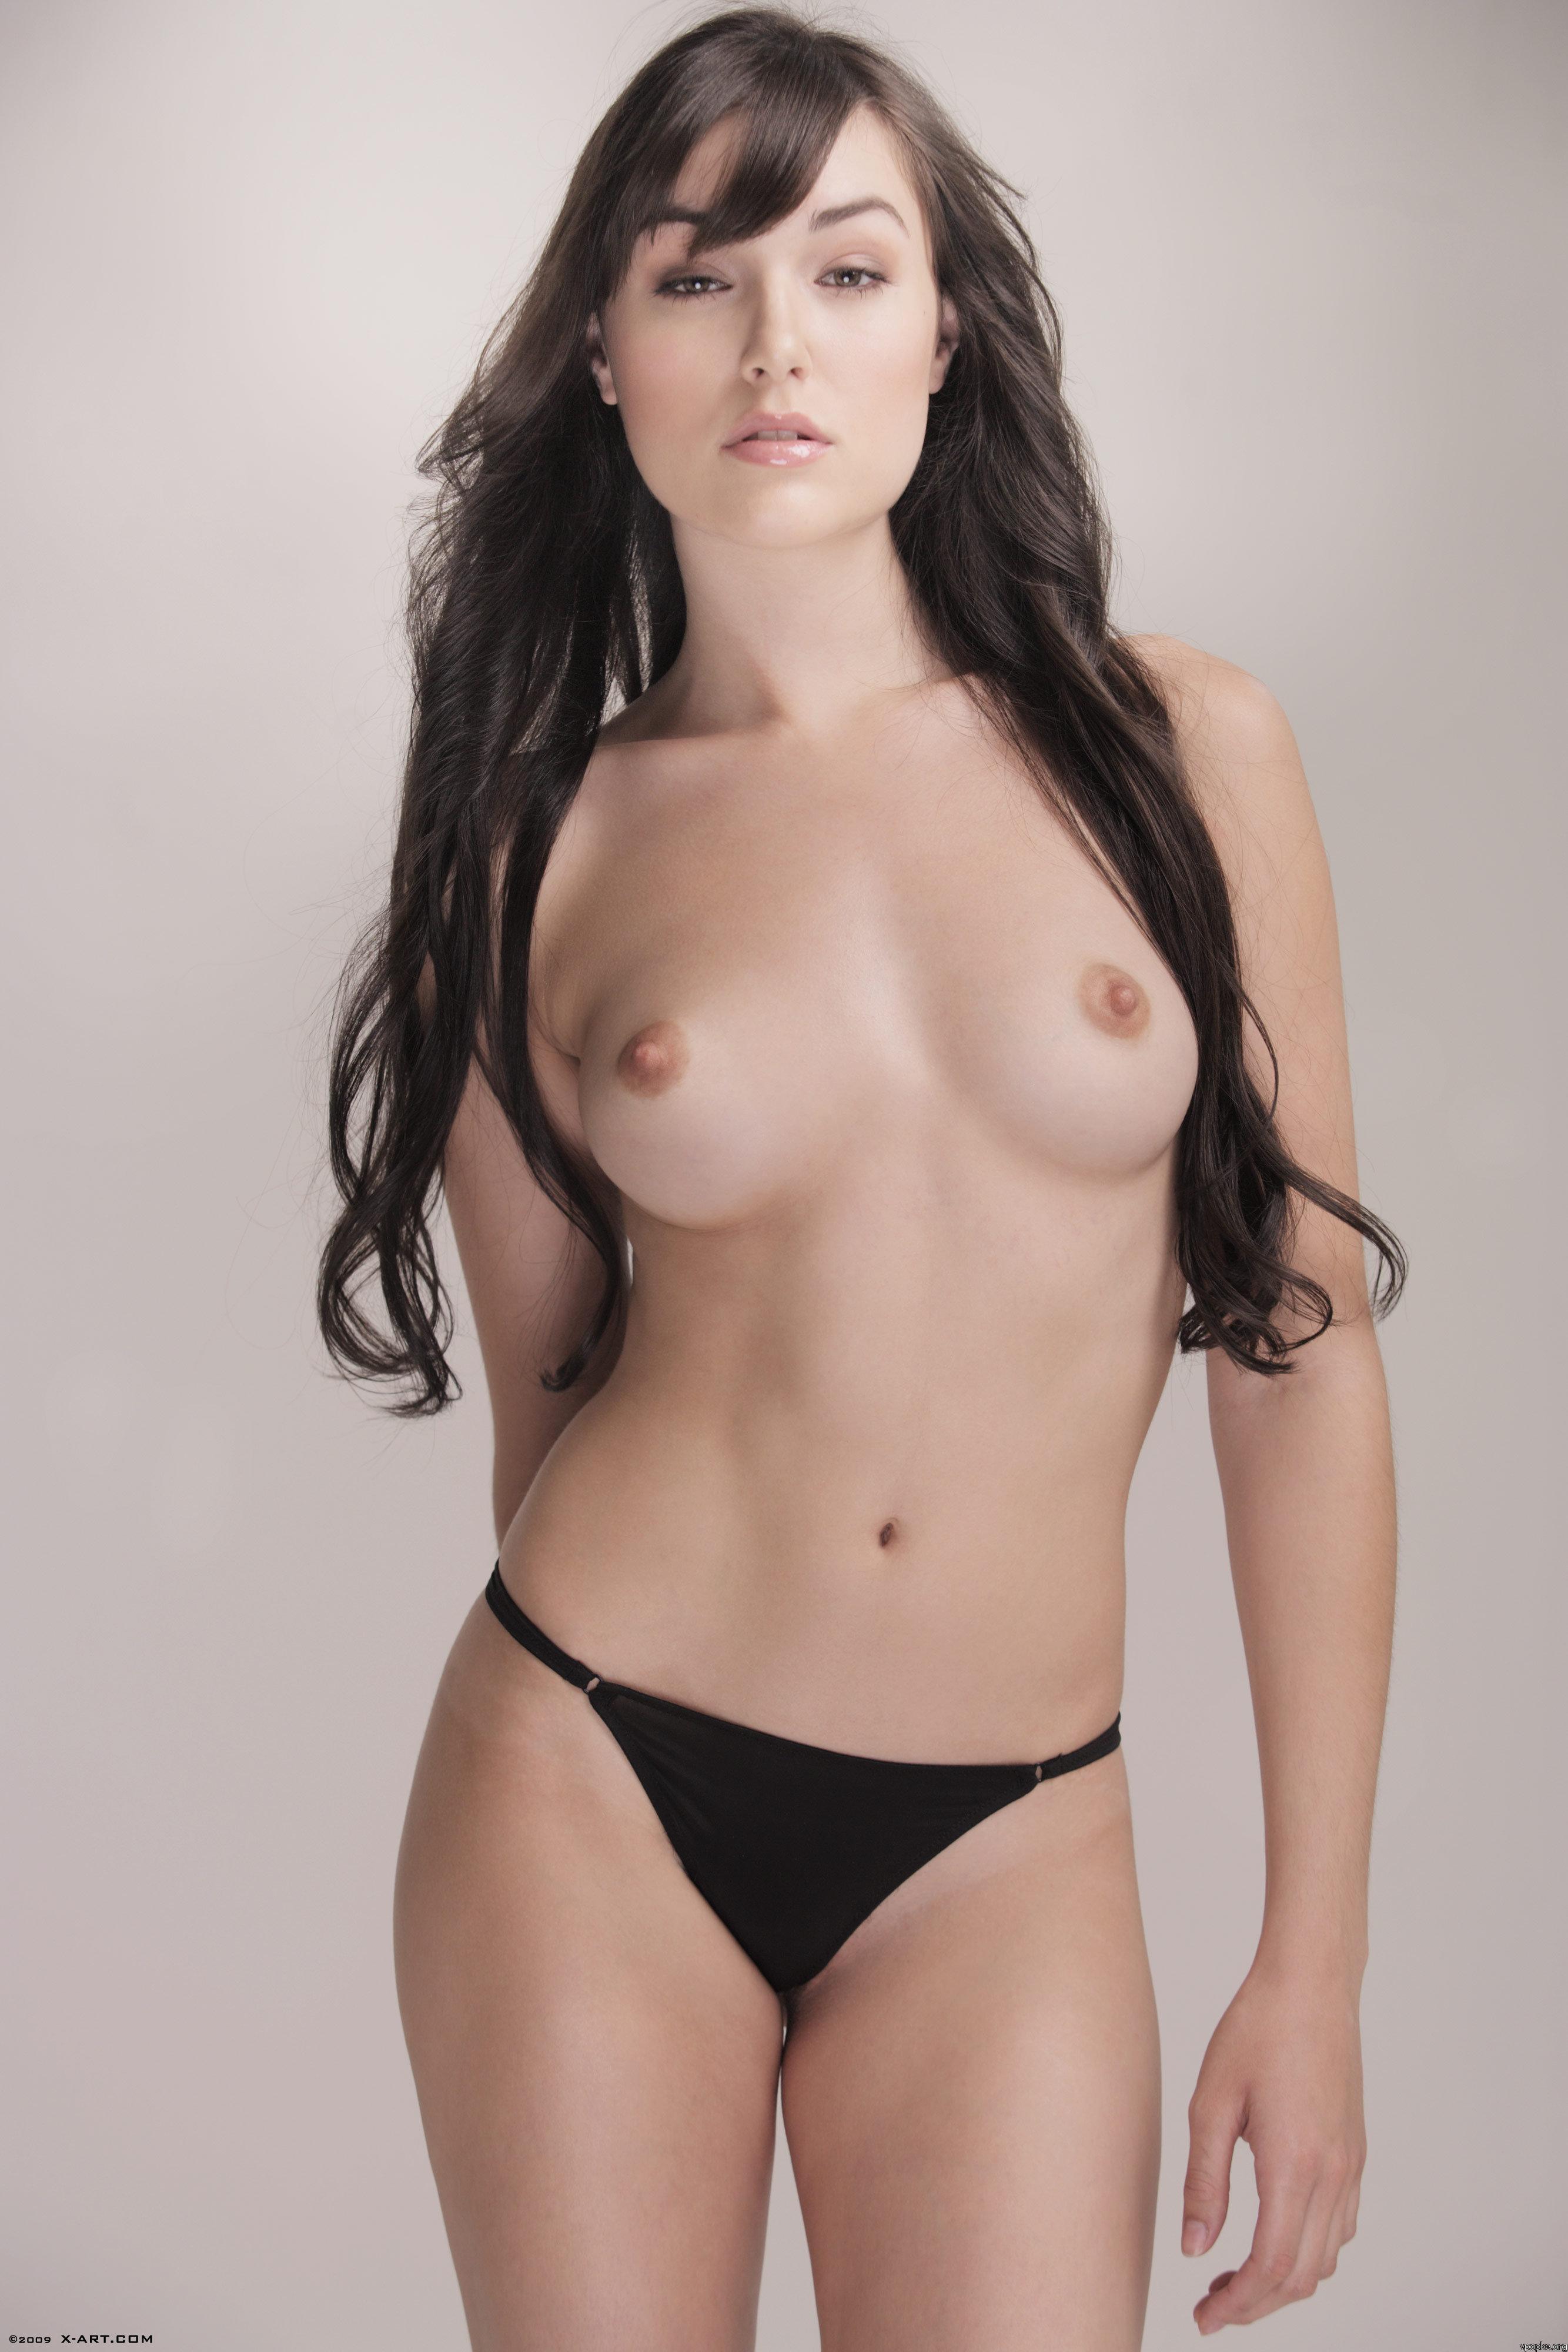 Тегос порно с сашей грей 8 фотография